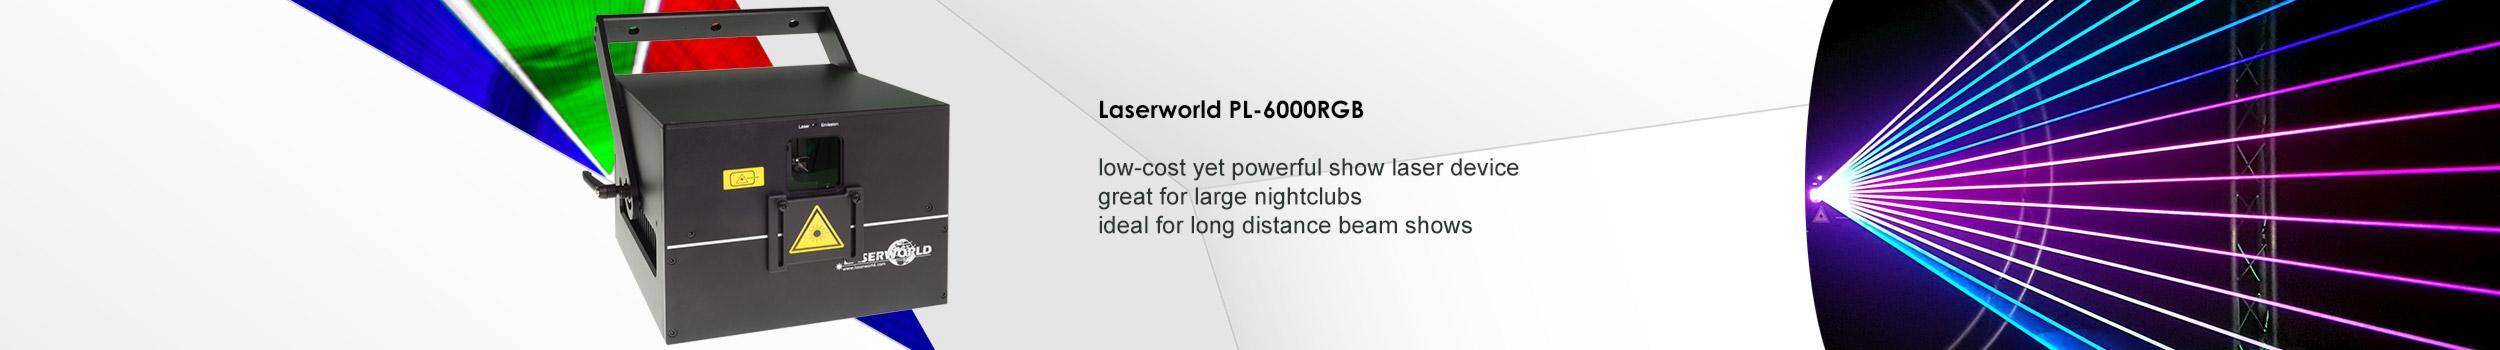 Laserworld PL-6000RGB show laser